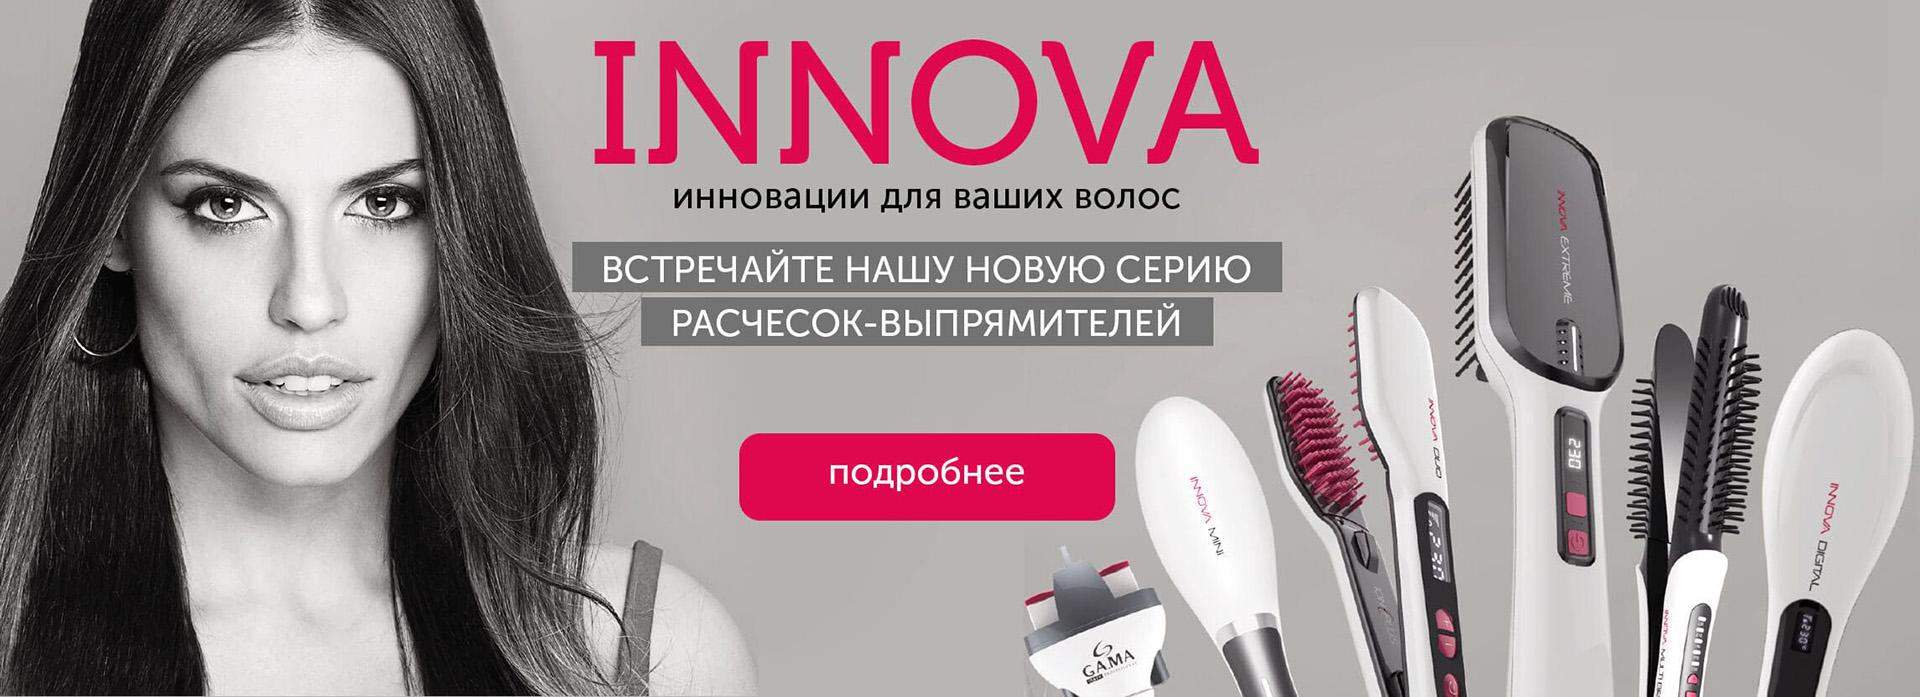 1591014378_1_innova-sl.jpg